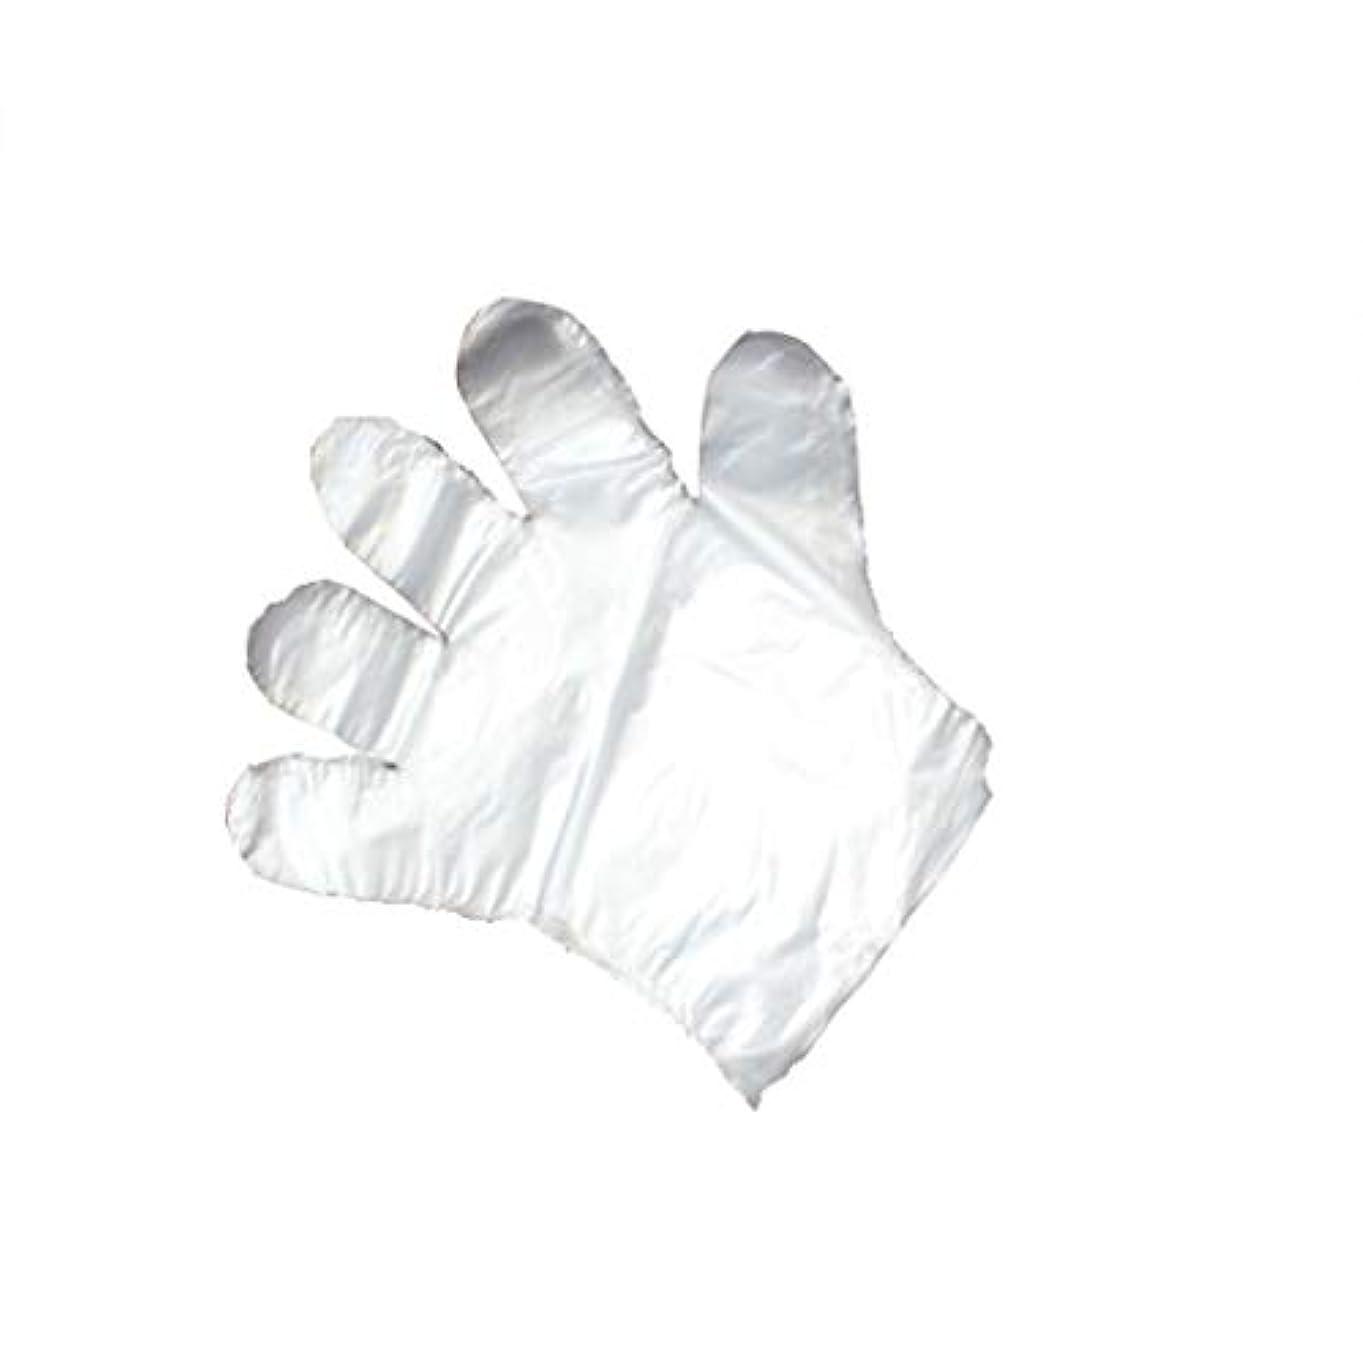 省火曜日マリン手袋、使い捨て手袋、透明な肥厚、美しさ、家庭掃除、手袋、白、透明、5パック、500袋。 (UnitCount : 1000)